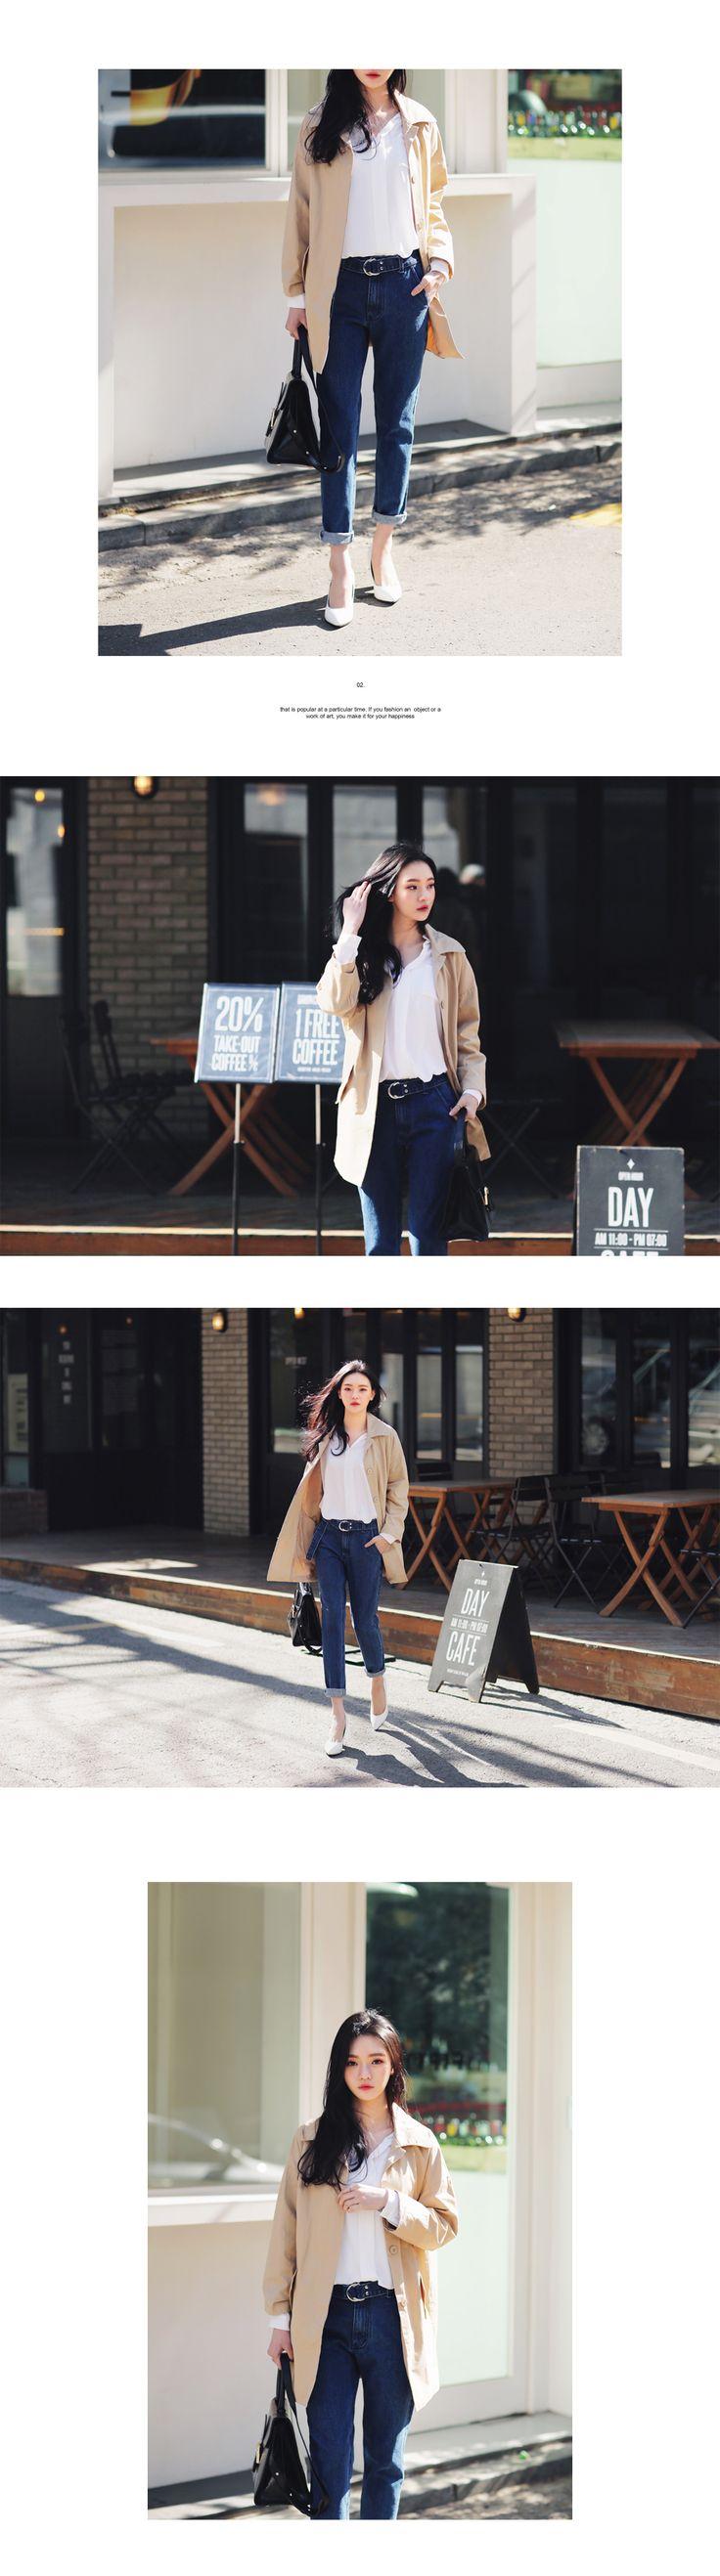 デニムベルトsetハイウエストジーンズ・全1色デニム・ジーンズデニム・ジーンズ|レディースファッション通販 DHOLICディーホリック [ファストファッション 水着 ワンピース]